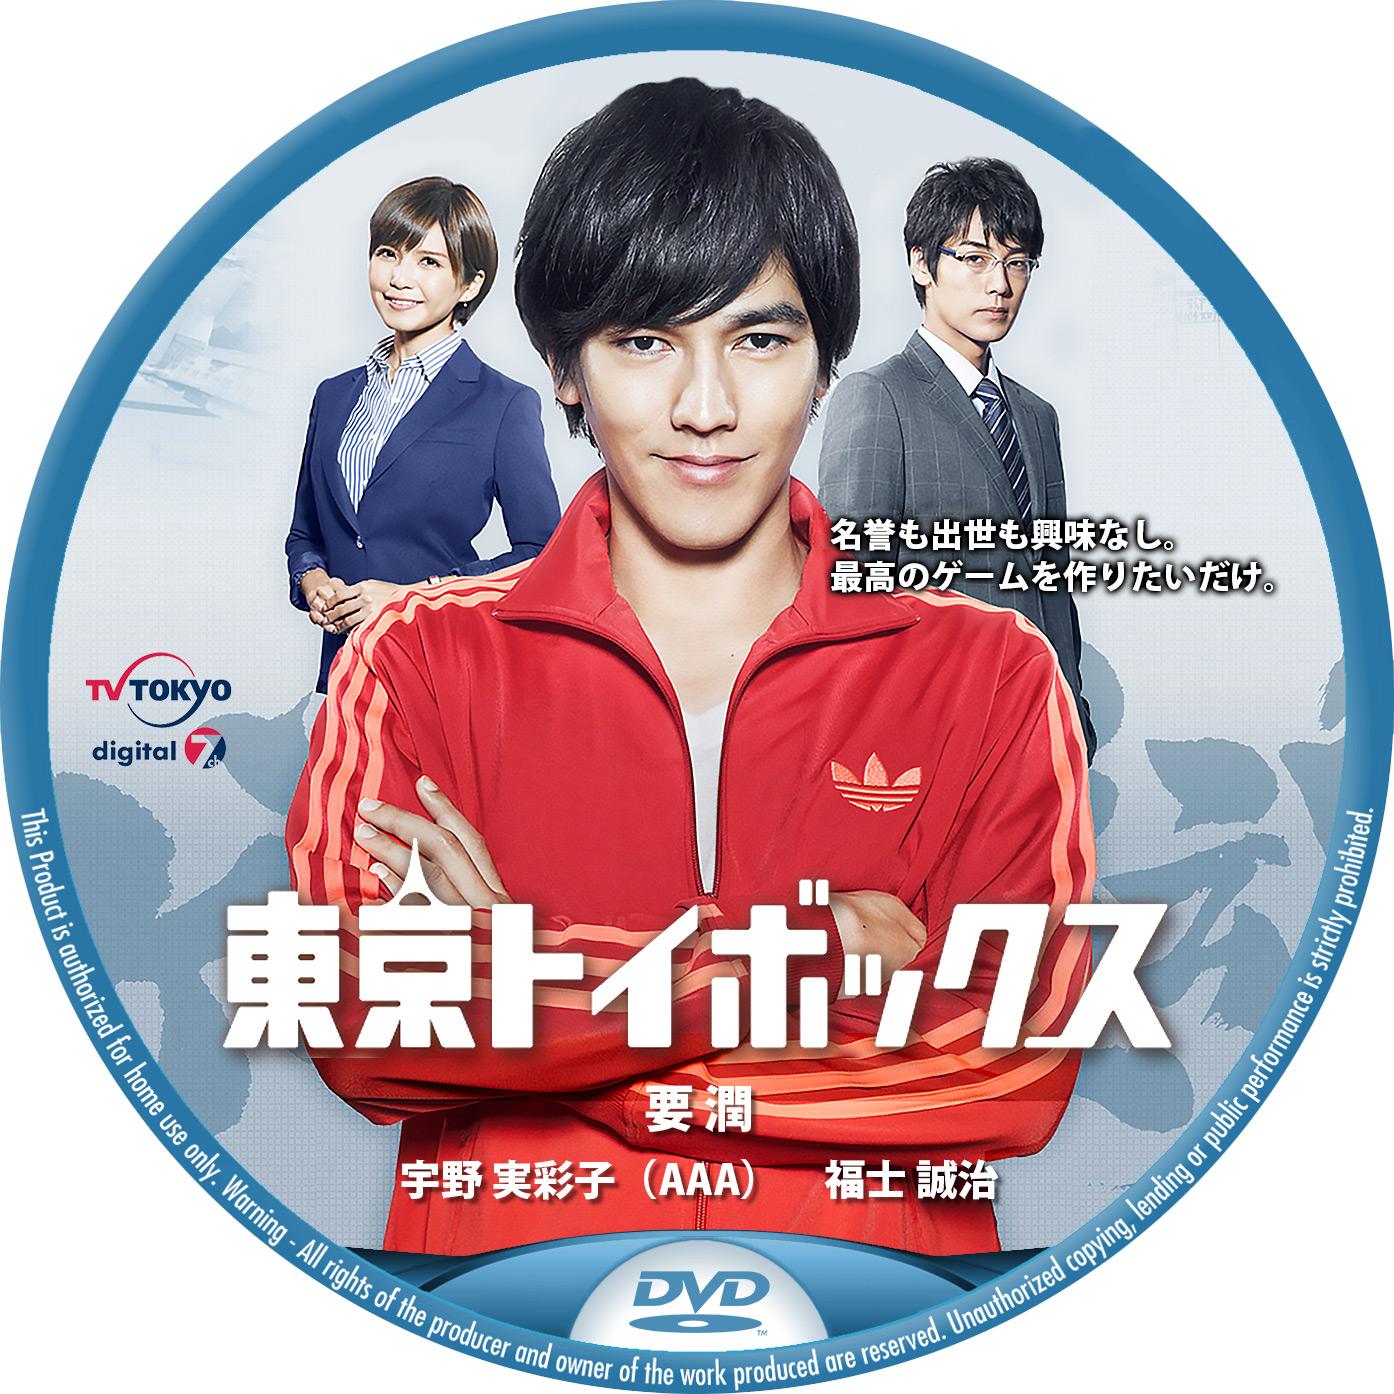 東京トイボックス DVDラベル